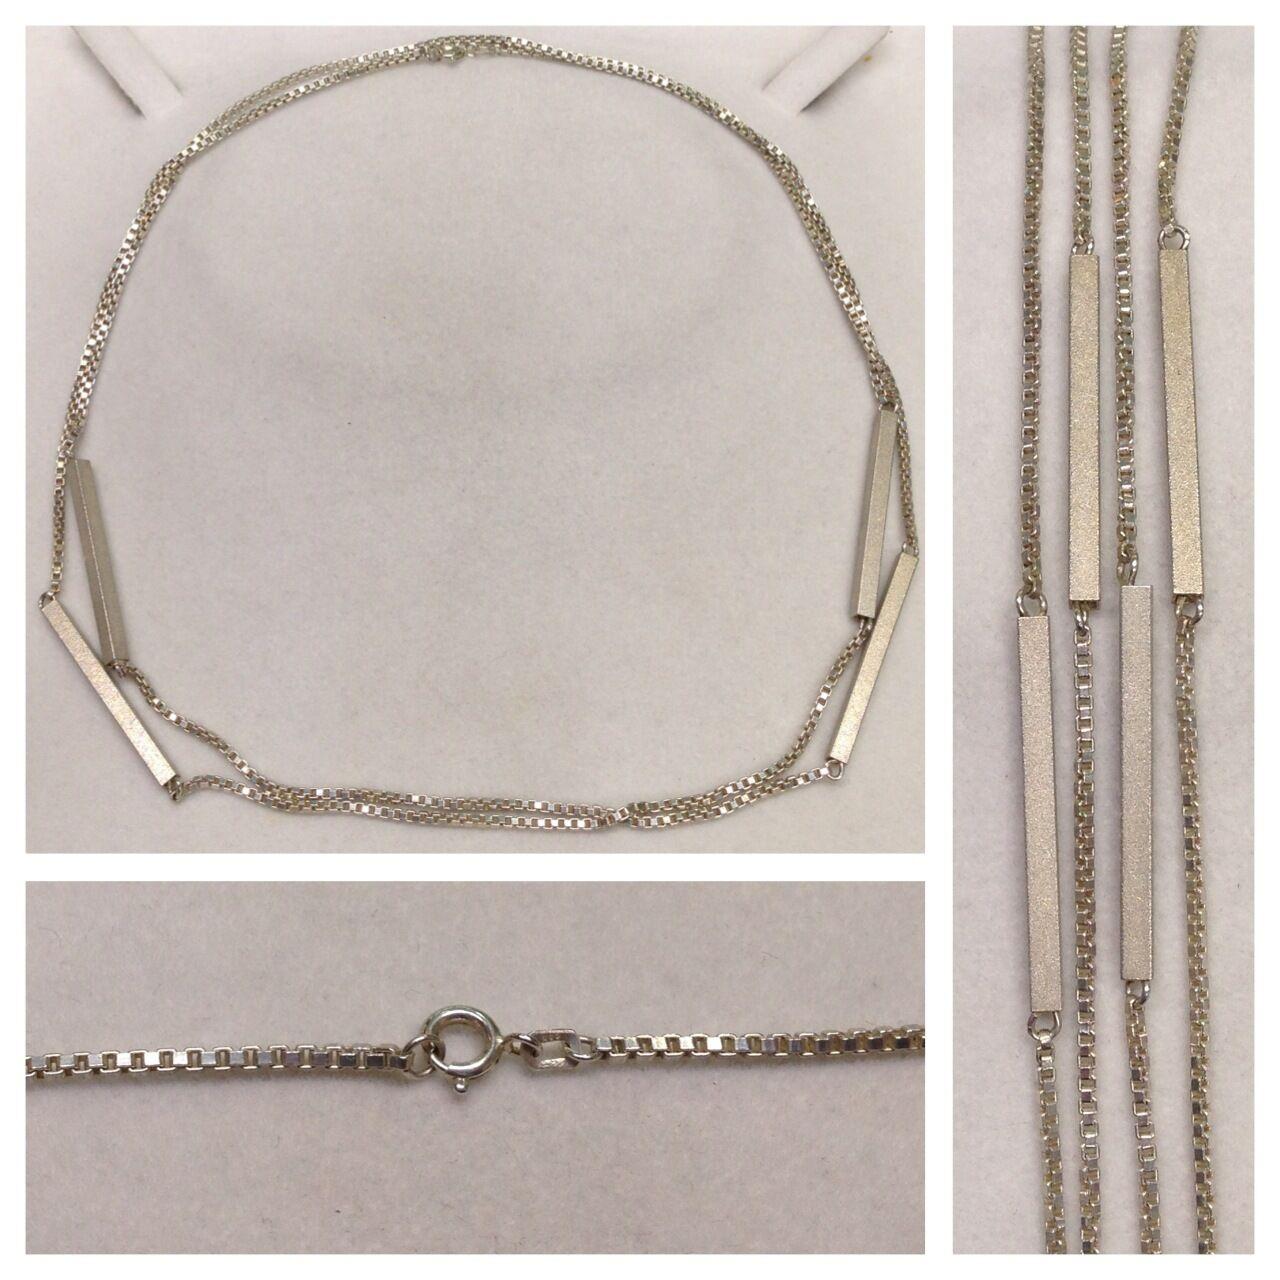 Largo cadena Veneciana 835 silver de Joyería Collar